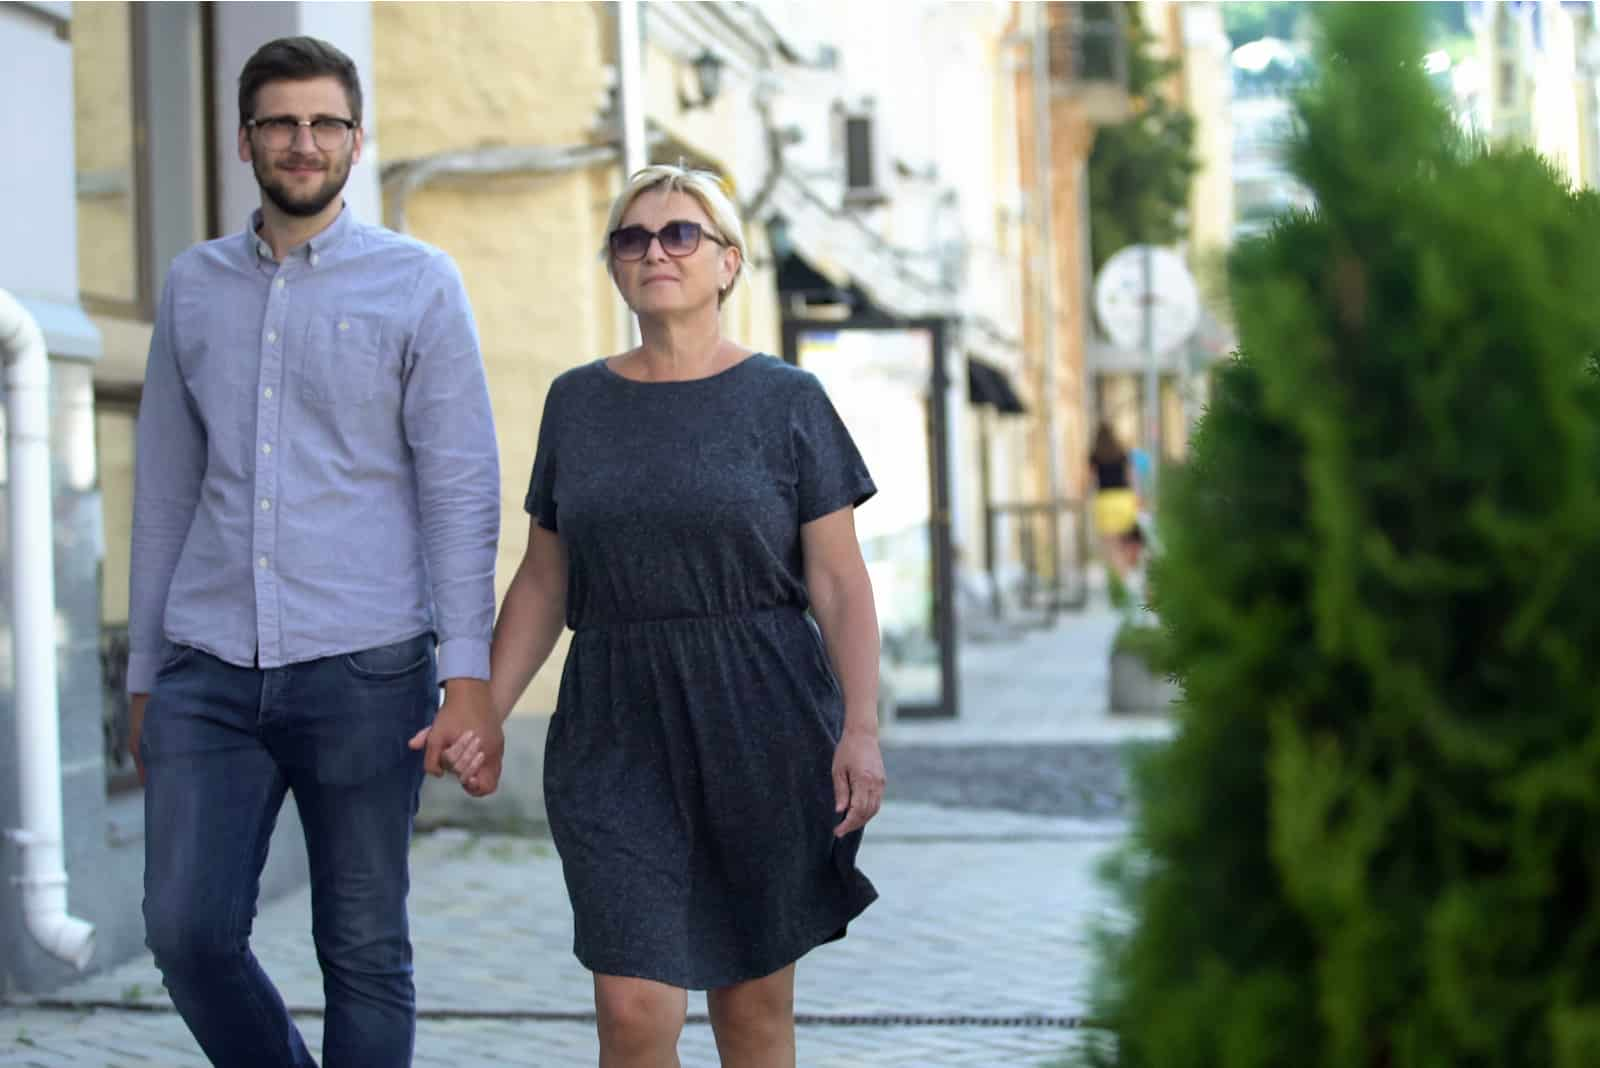 Reife Frau, die auf Straße mit jüngerem Mann geht